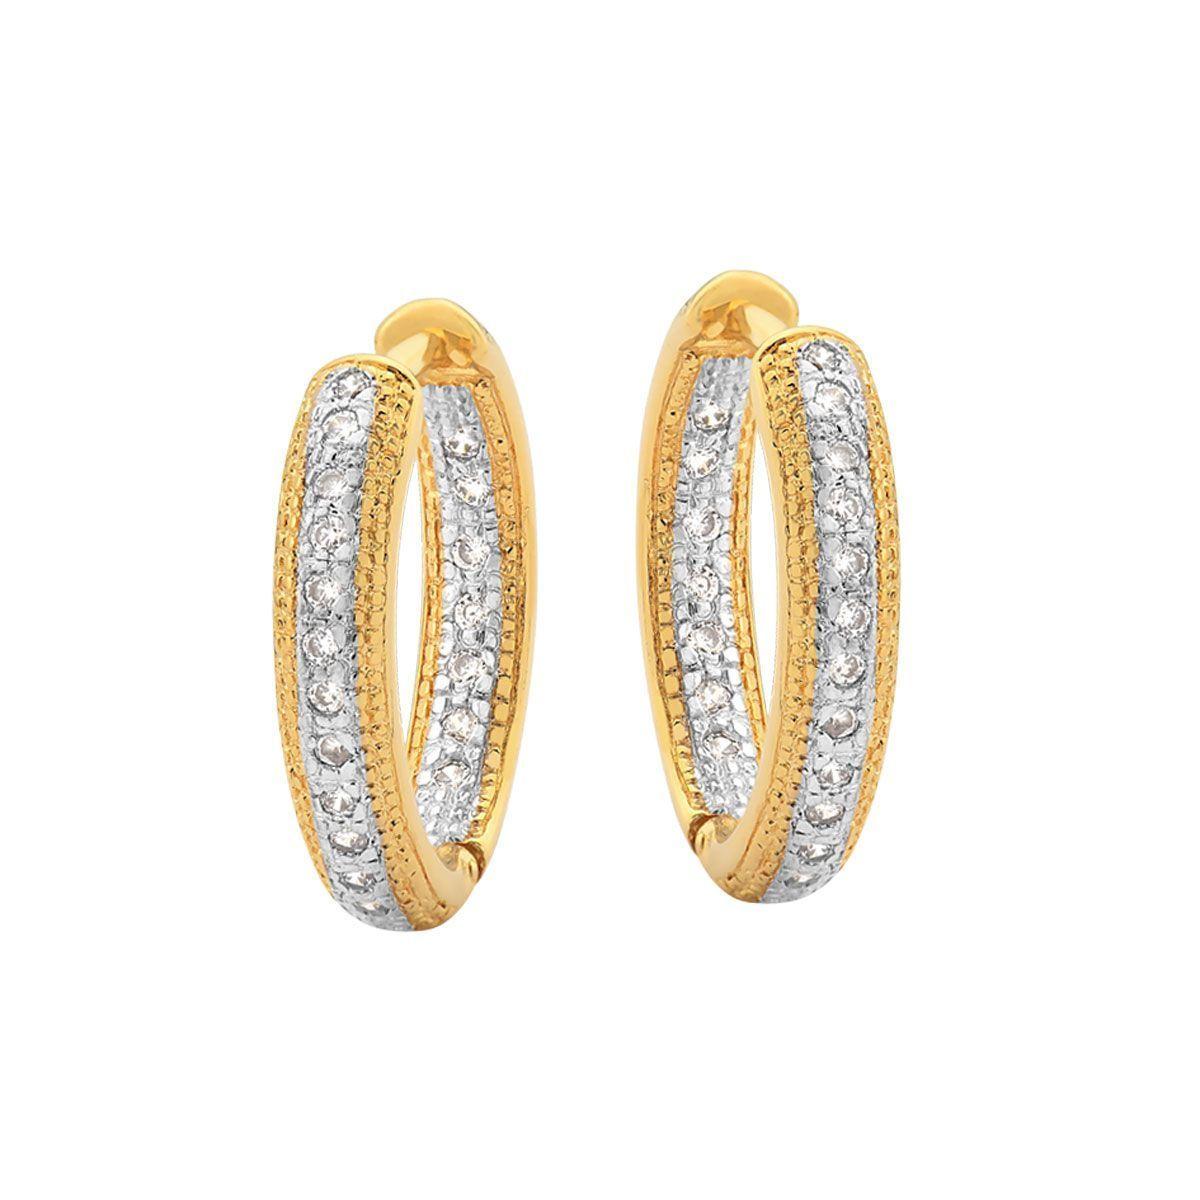 b96fccc24833f Brinco argola cravejada de zircônias internas e externas folheado a ouro  18kDimensões aproximadas Comprimento